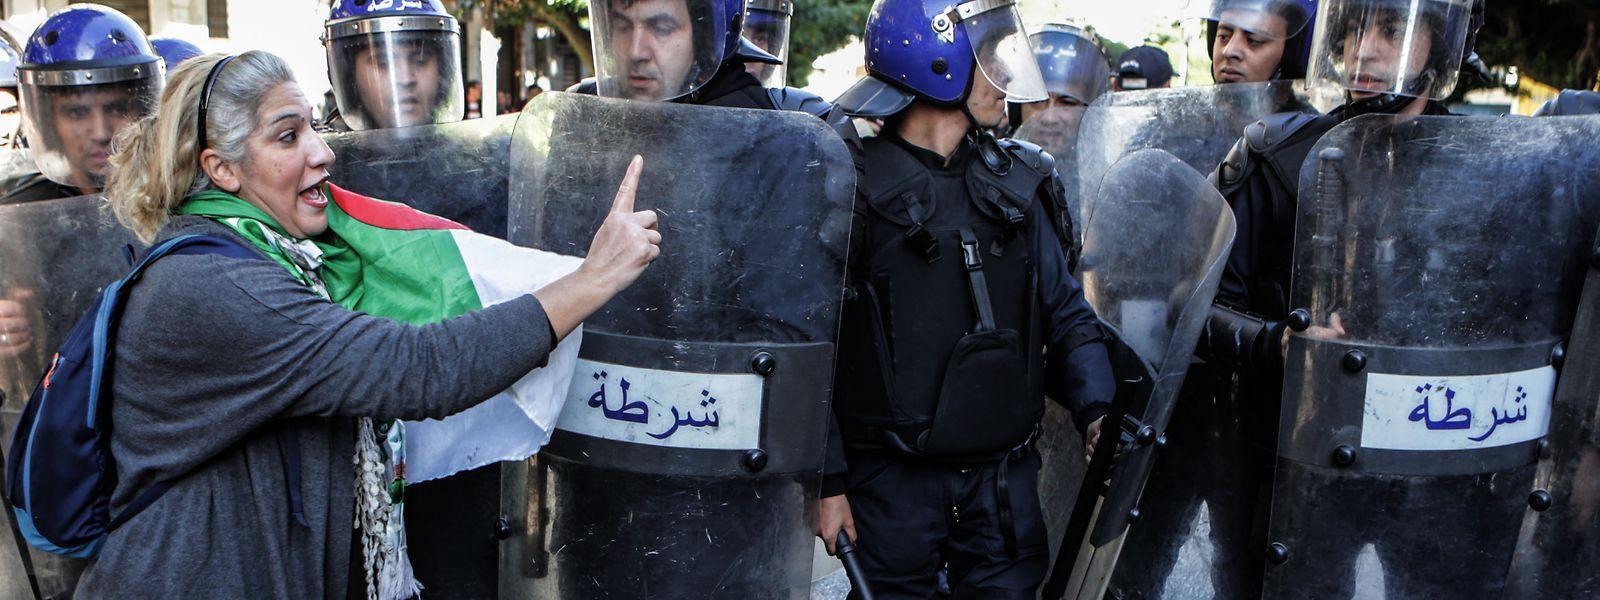 Die Wahl ist begleitet von Protesten. Die Demonstranten sehen die fünf Kandidaten als Teil der alten Machtelite.